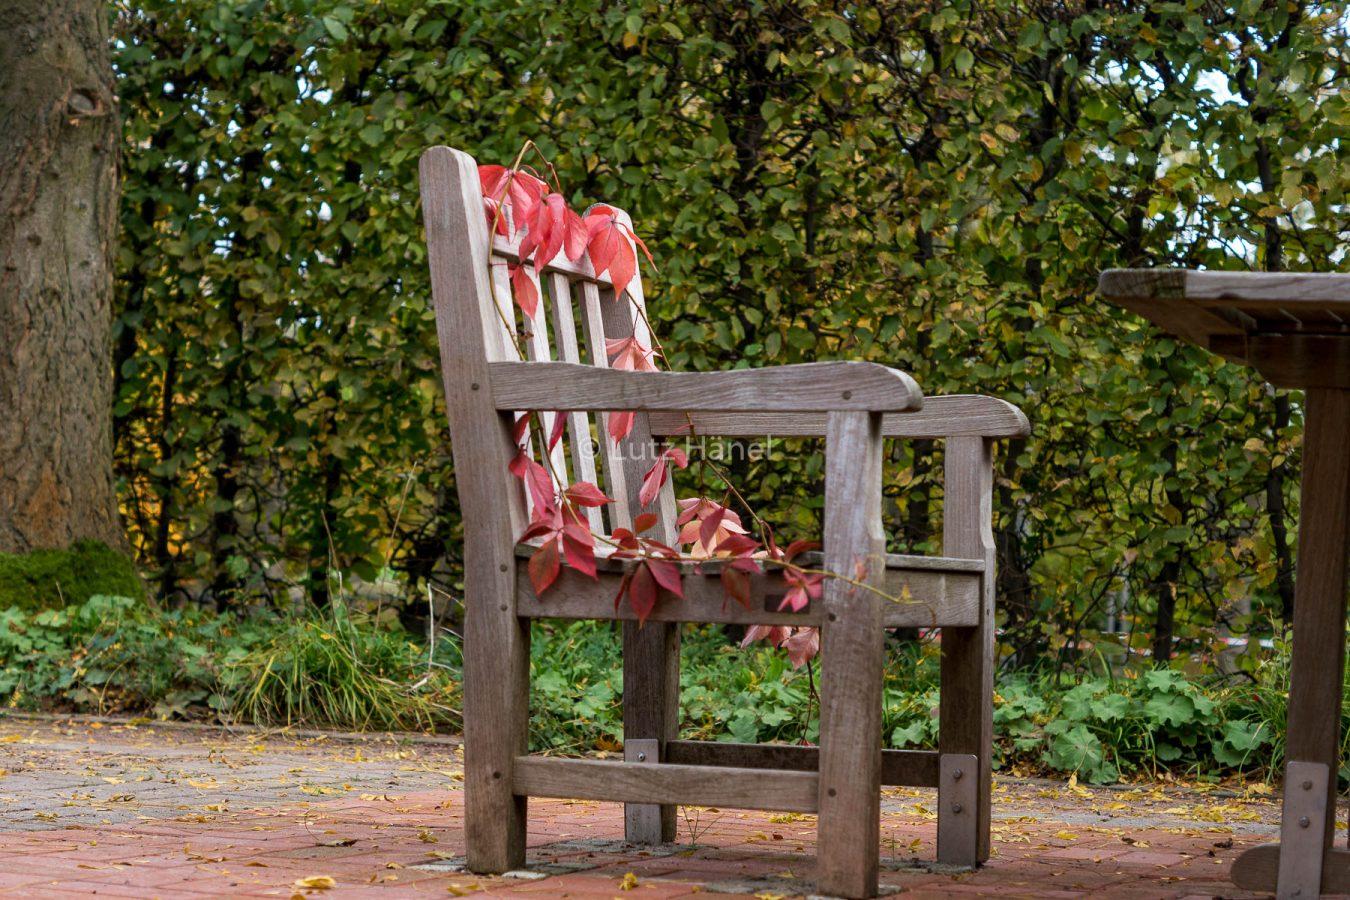 Bitte setzen im Herbstlichen Stuhl lädt er ein zum endspannen.